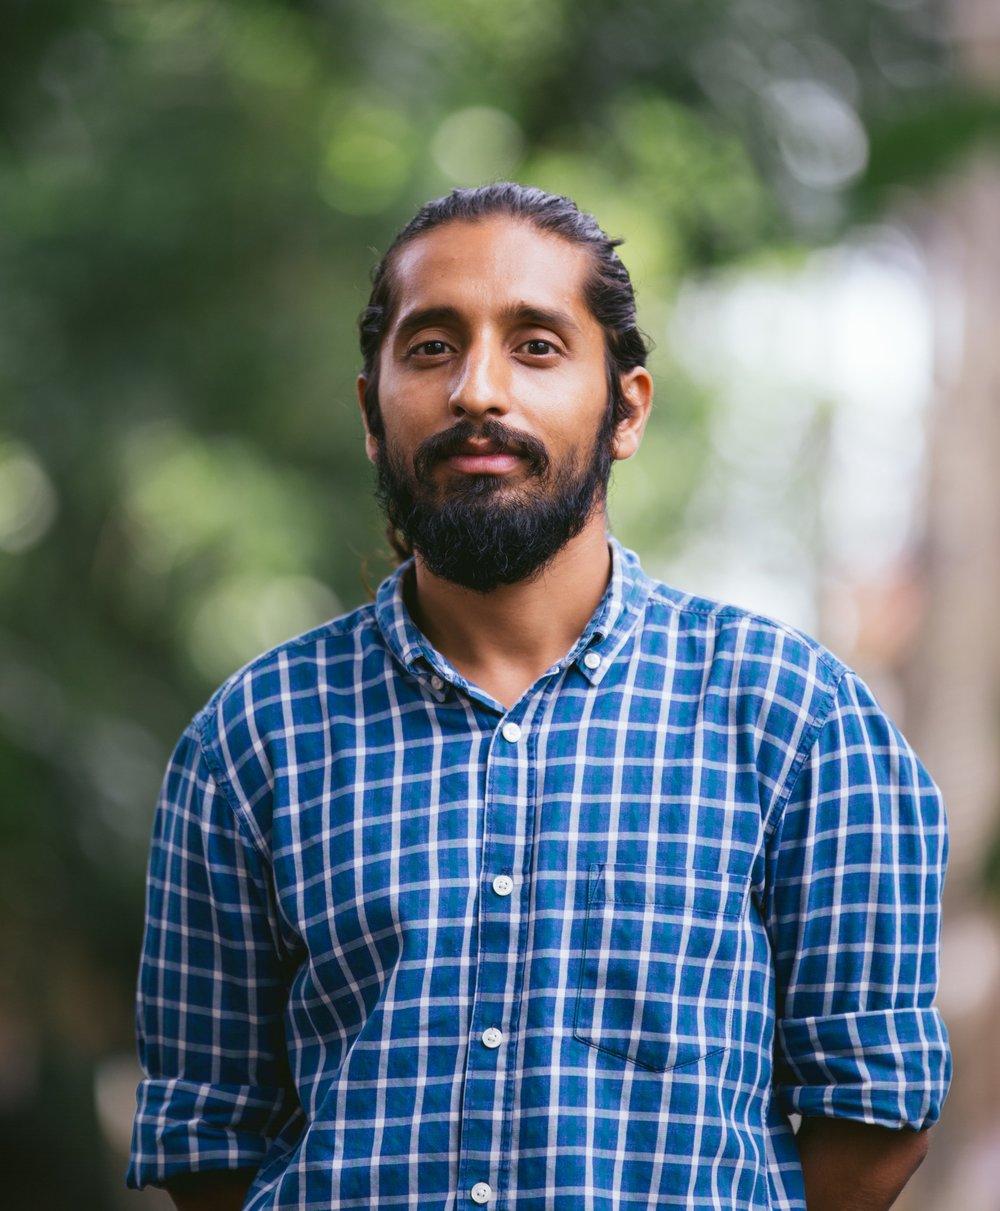 Vinay Kothari, founder of GO DESi